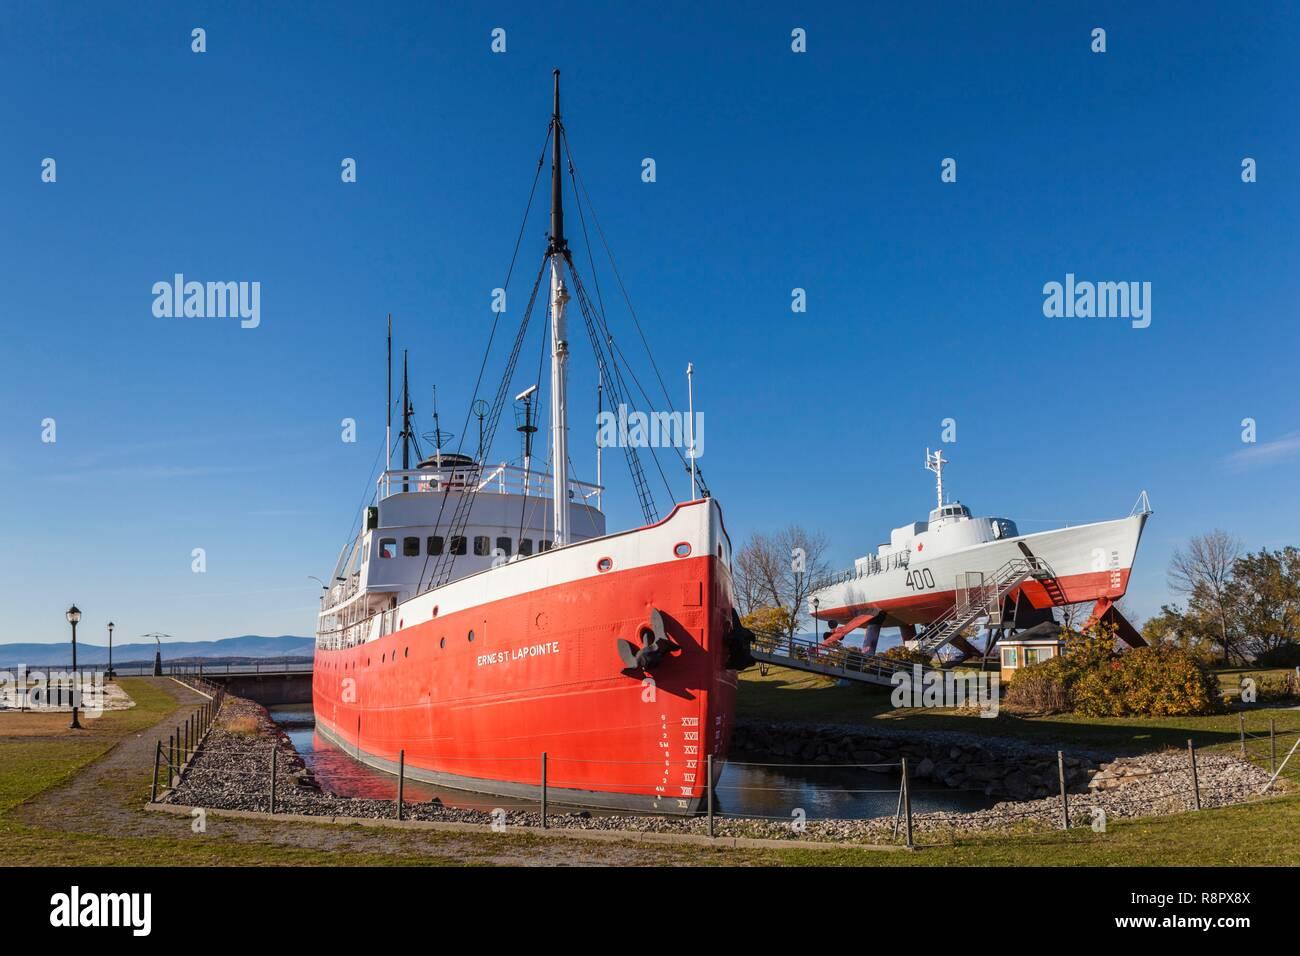 Kanada, Quebec, Chaudiere-Appalaches Region, L'Islet-sur-Mer, letzte Kanadische dampfbetriebenen Eisbrecher Ernest Lapointe und HMCS Bras d'Or experimentelle Tragflügelboot außerhalb des Maritime Museum Stockbild